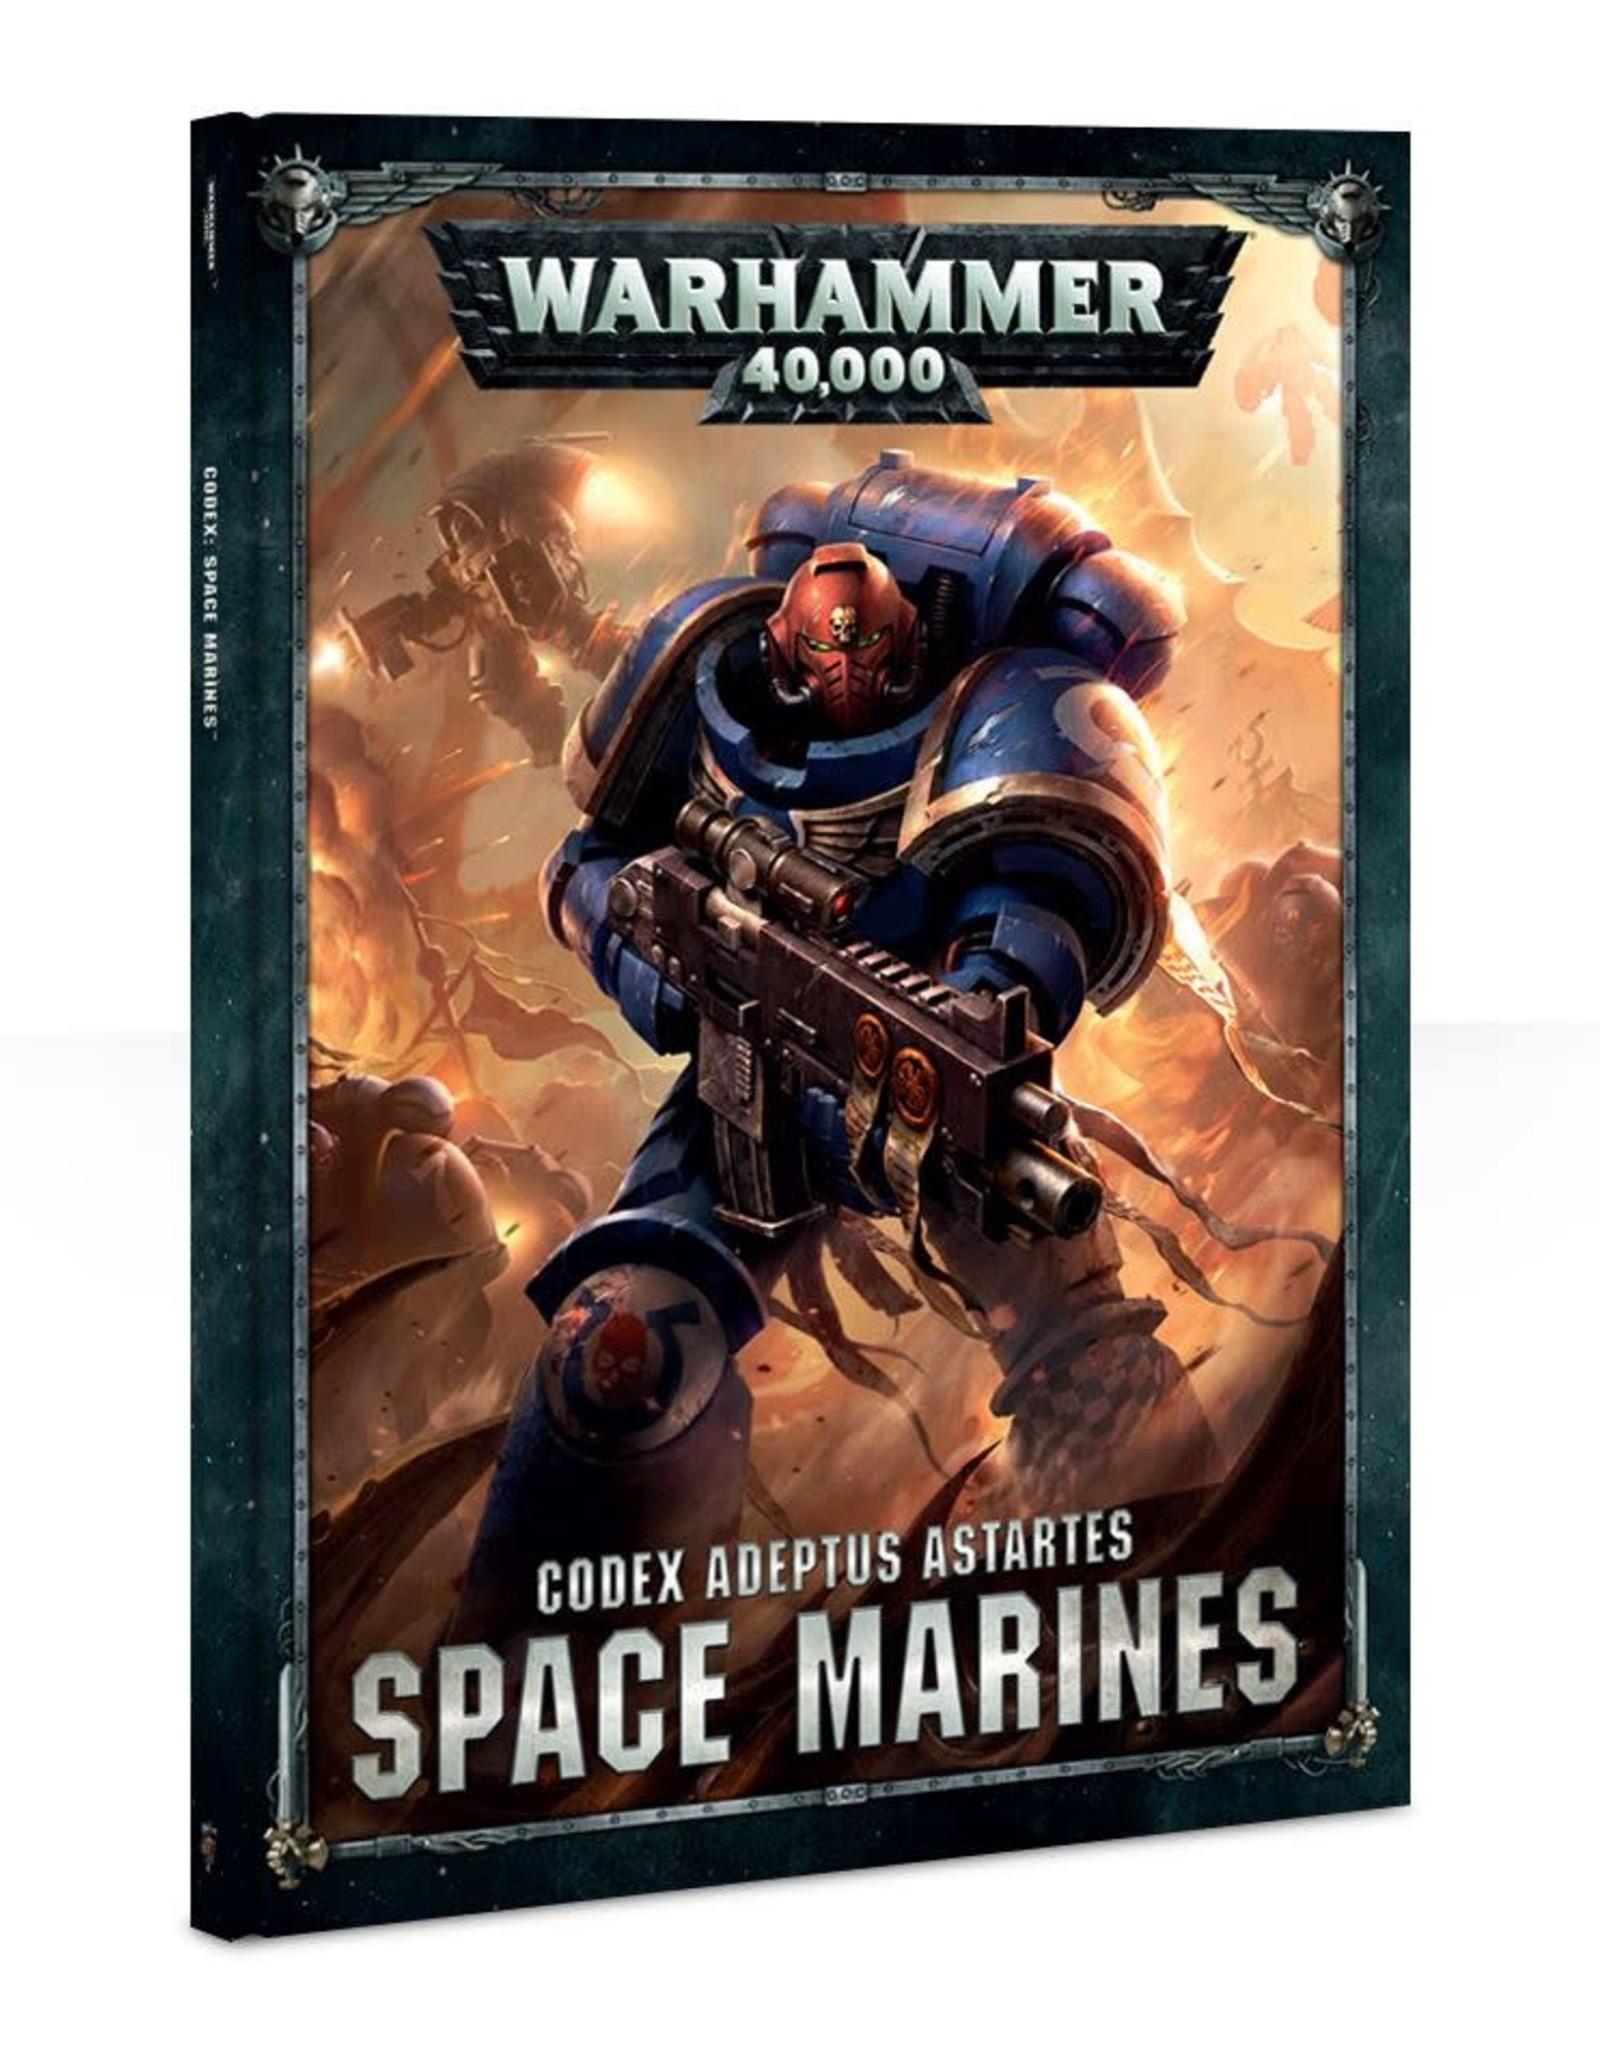 Warhammer 40K: Space Marines Codex 1st Edition